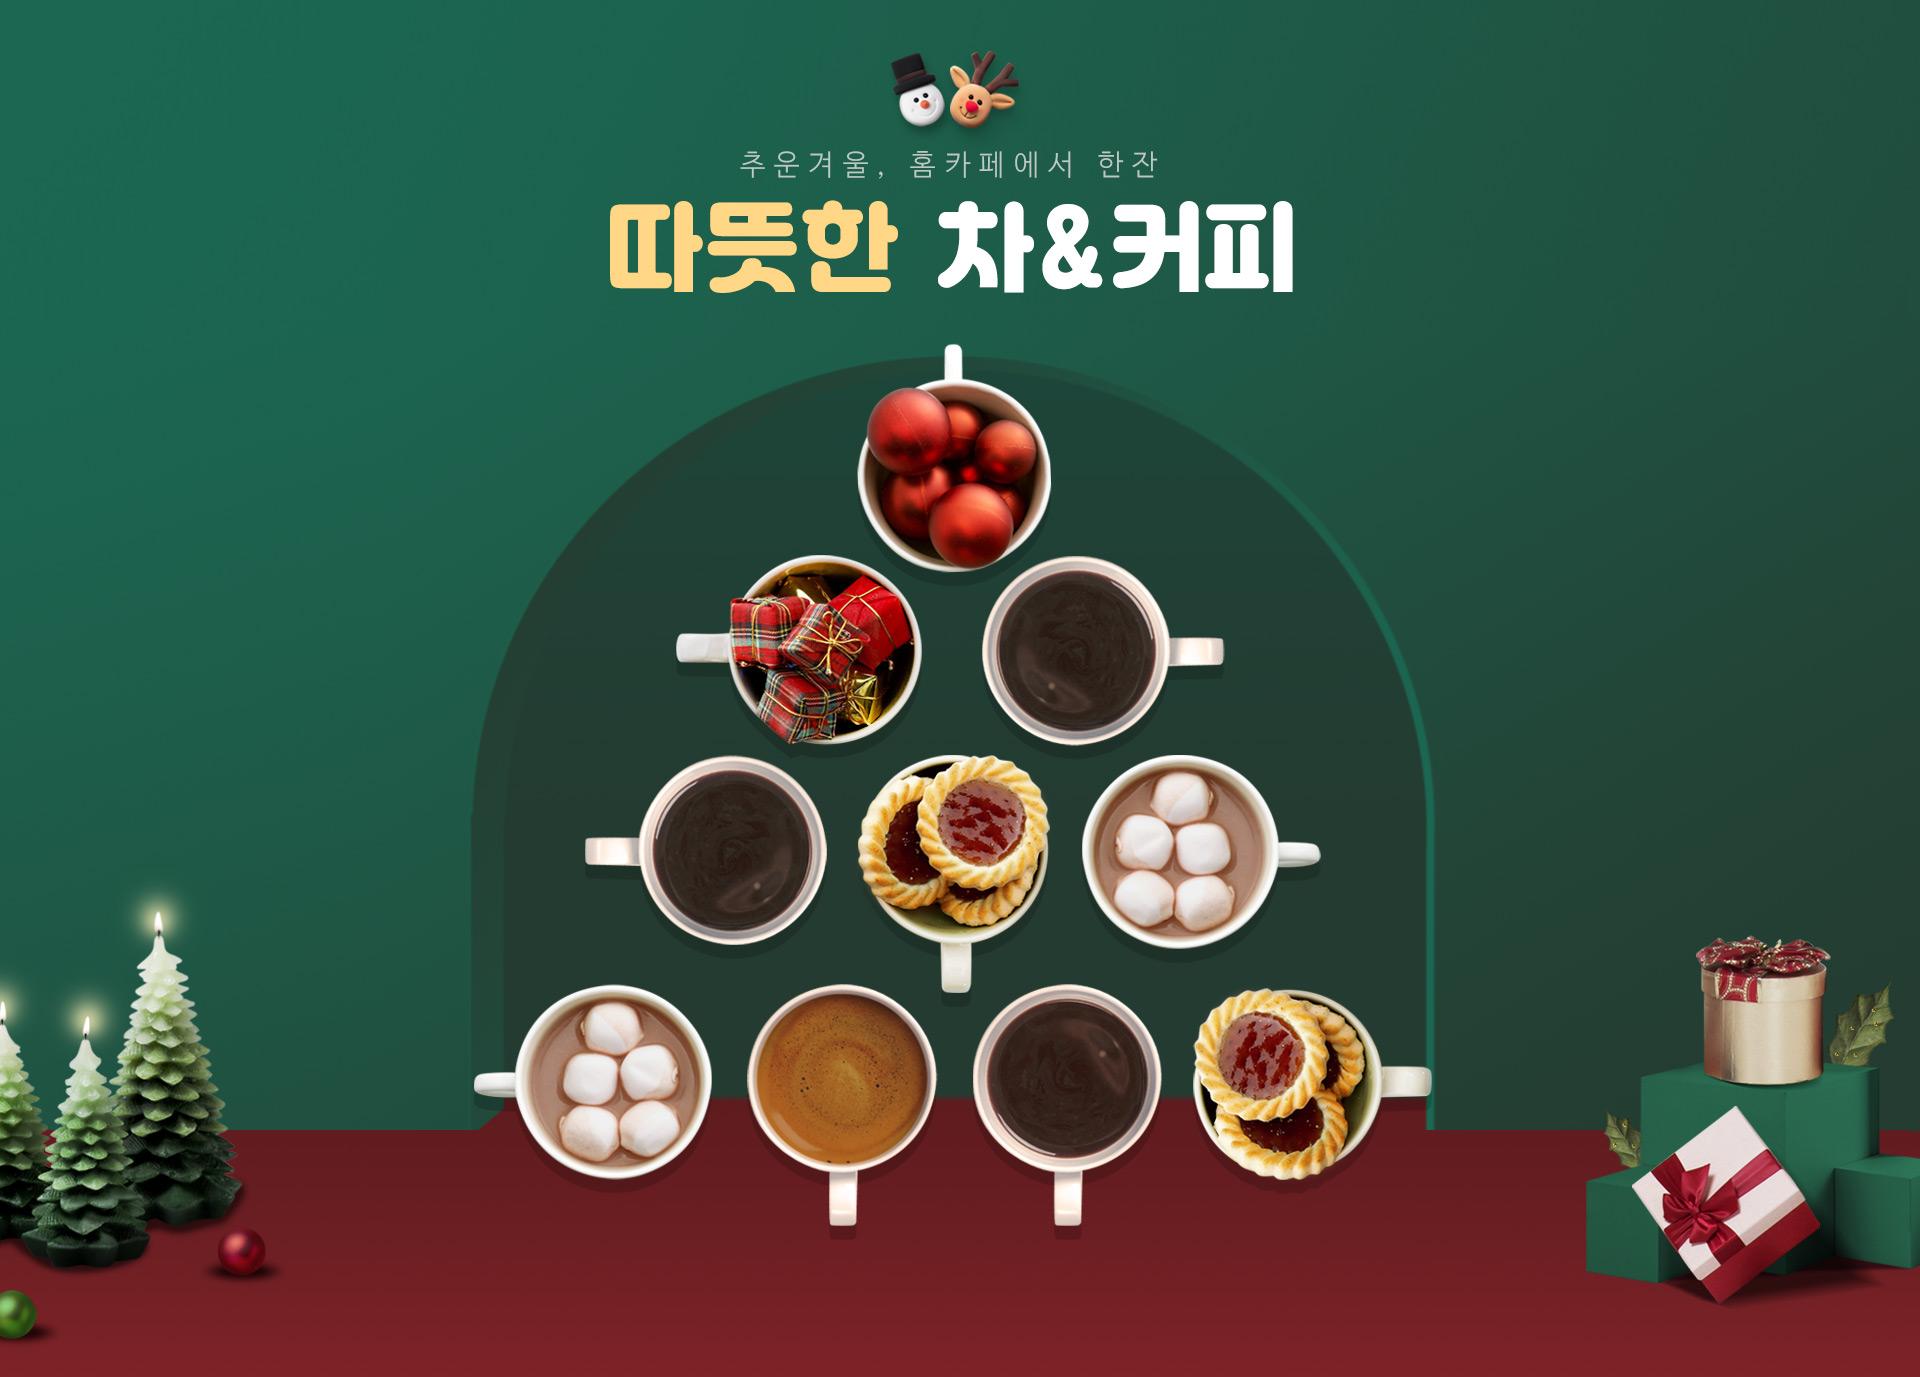 추운겨울, 홈카페에서 한잔 따뜻한 차&커피